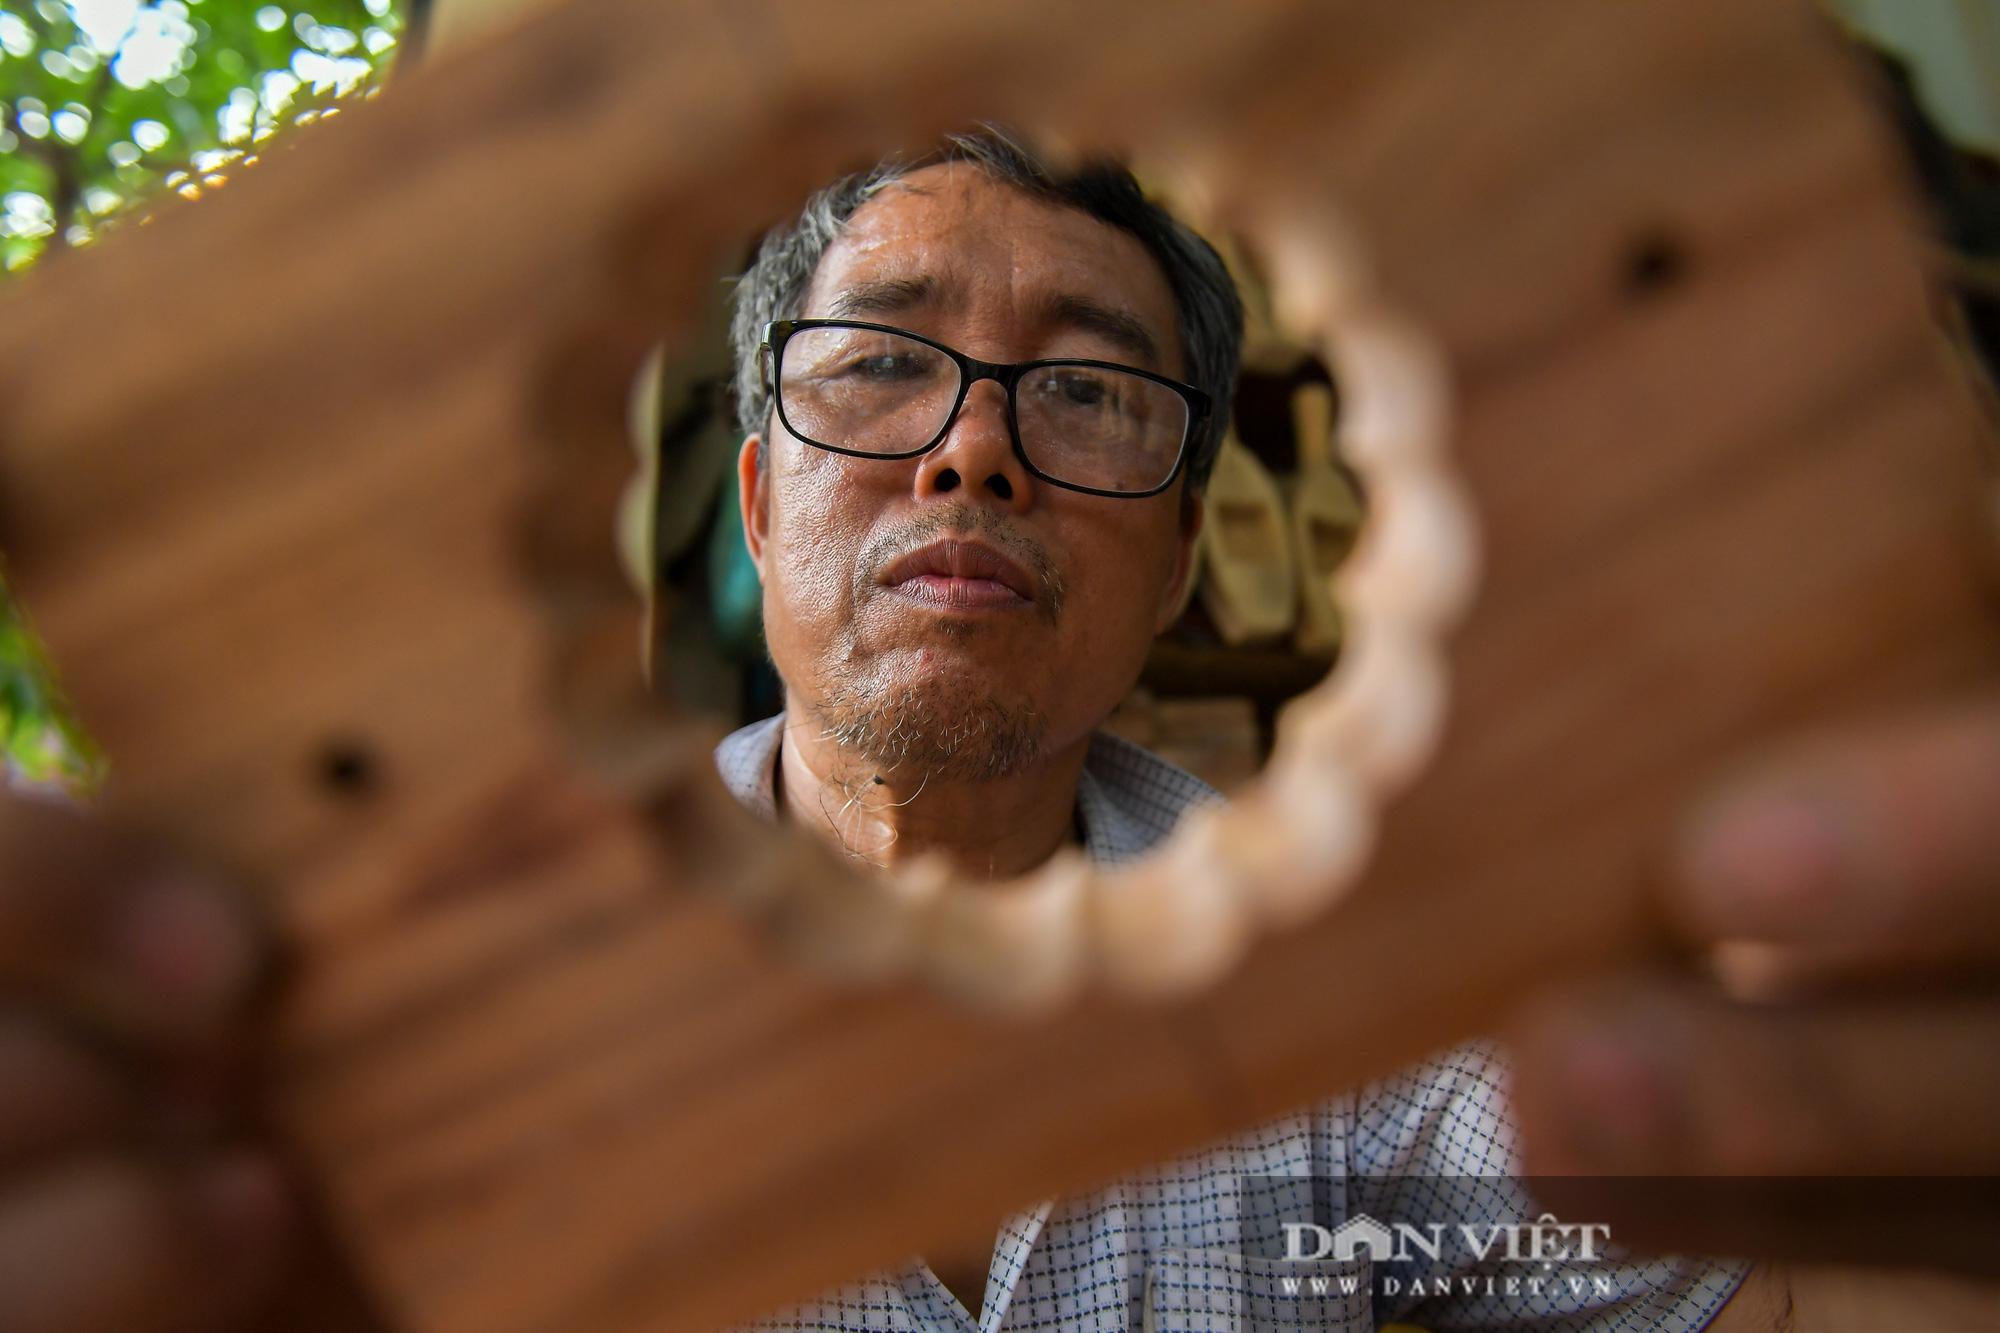 Chiêm ngưỡng kỹ năng điêu luyện của người đàn ông 40 năm làm khuôn bánh trung thu - Ảnh 7.